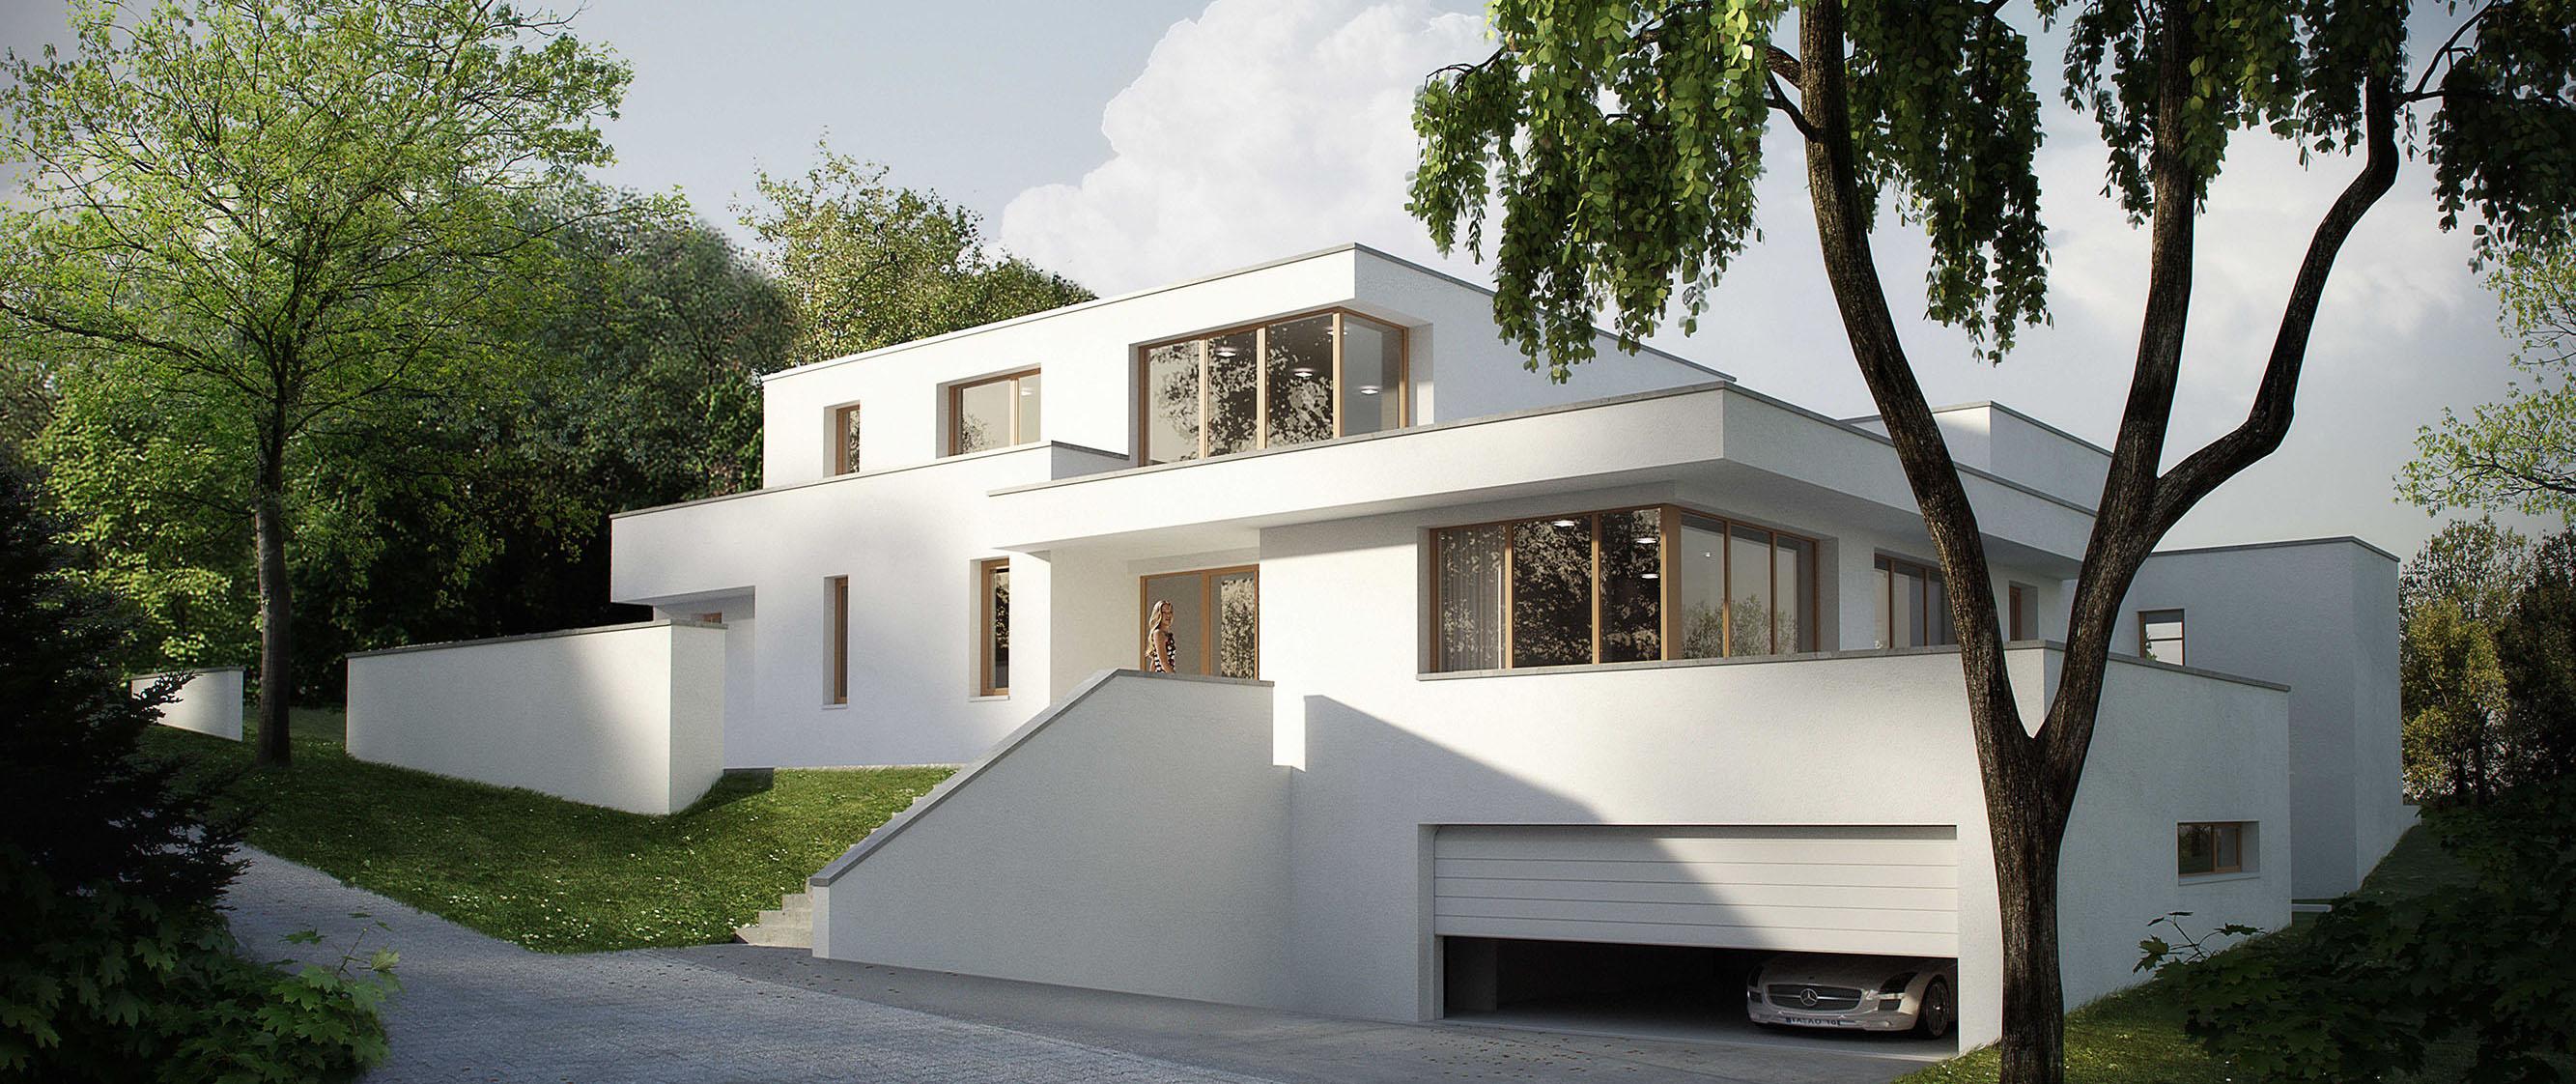 Neubau eines Einfamilienhauses, Haus RB, Architekturbüro Schönborn+ Hölscher